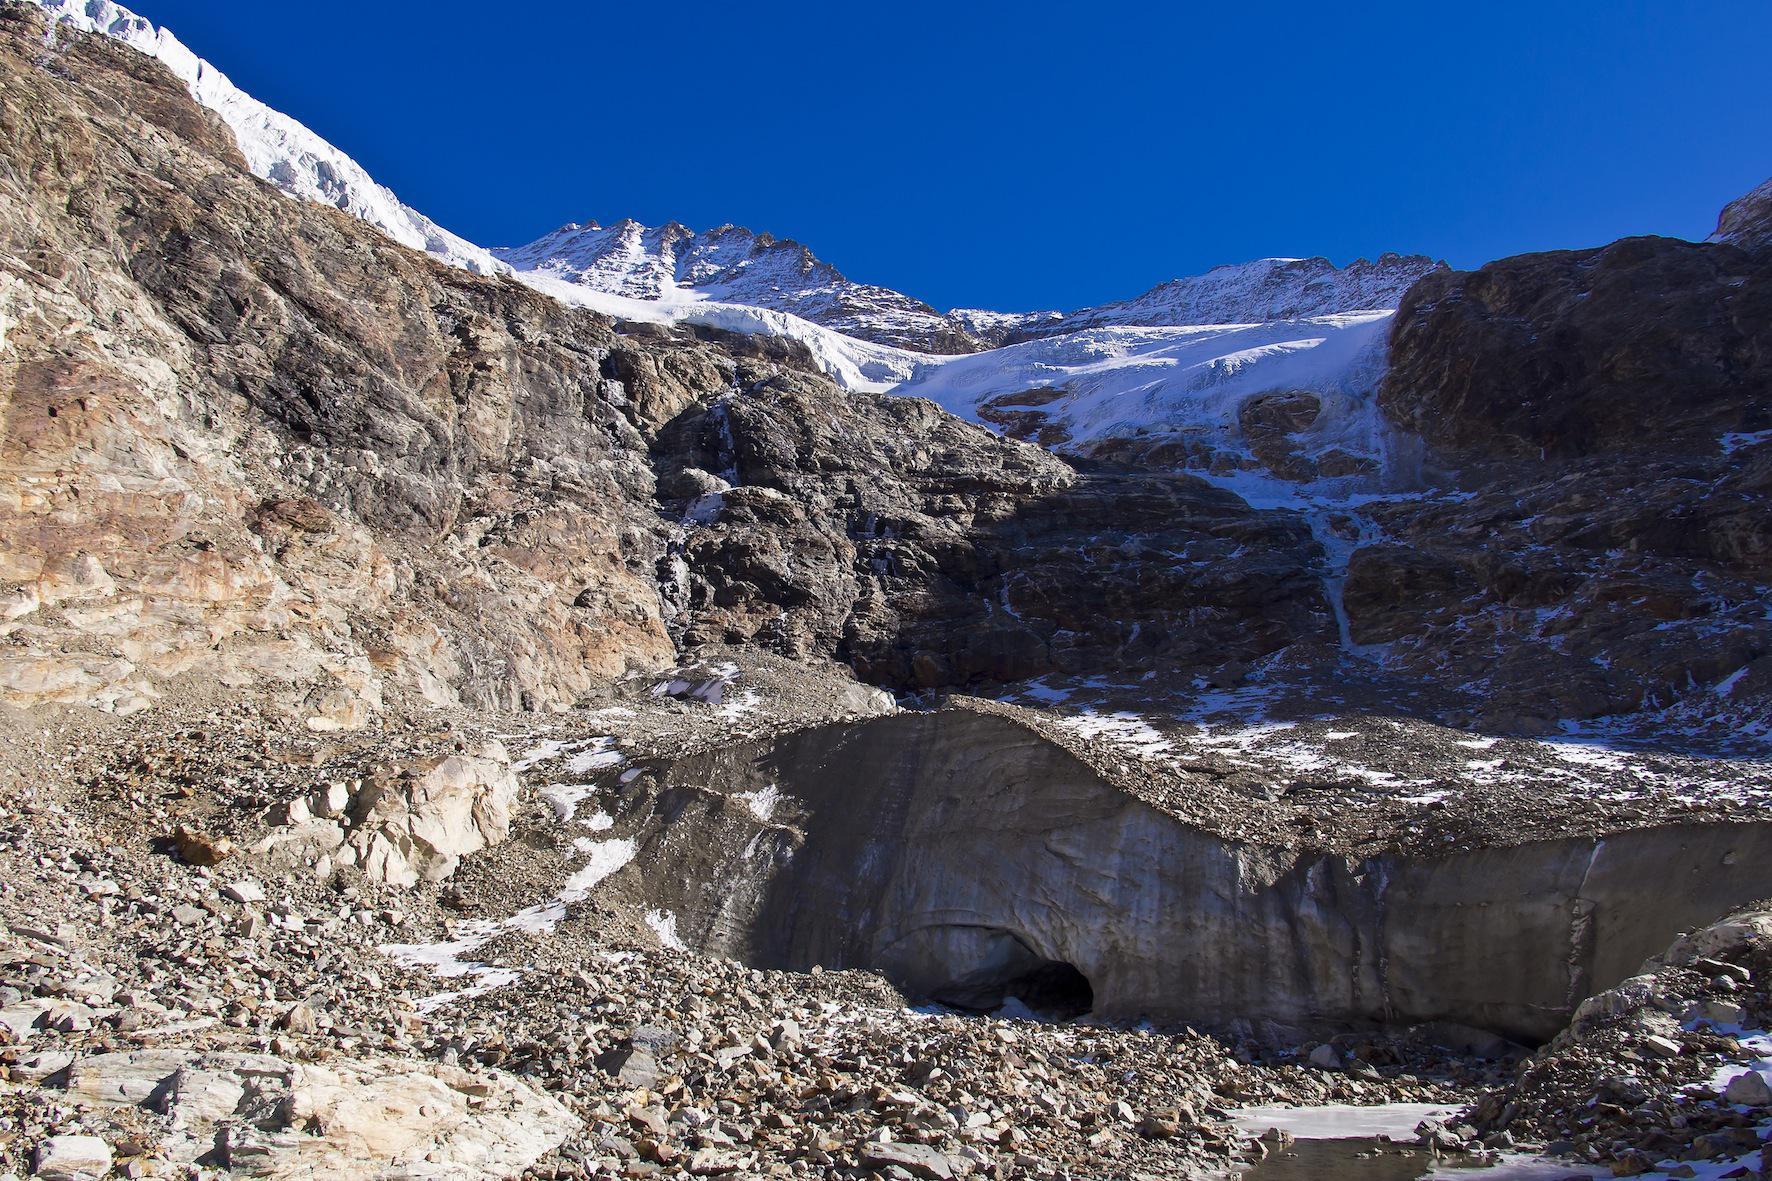 sotto il bacino meridionale del ghiacciaio delle G.des Murailles, in alto a sinistra la Becca di Guin, a destra la punta Budden